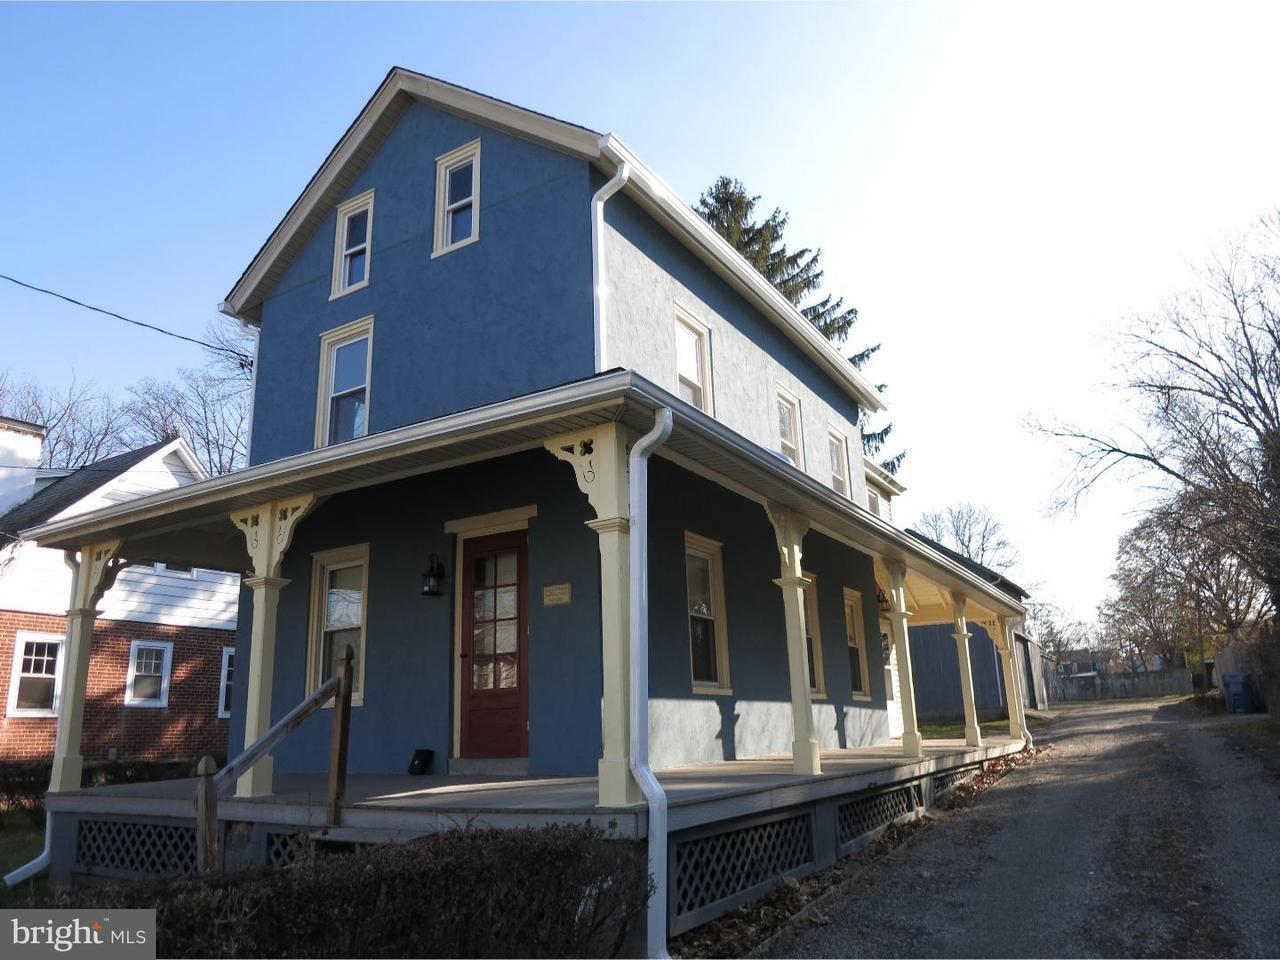 独户住宅 为 出租 在 102 DECATUR Street 多伊尔斯敦, 宾夕法尼亚州 18901 美国